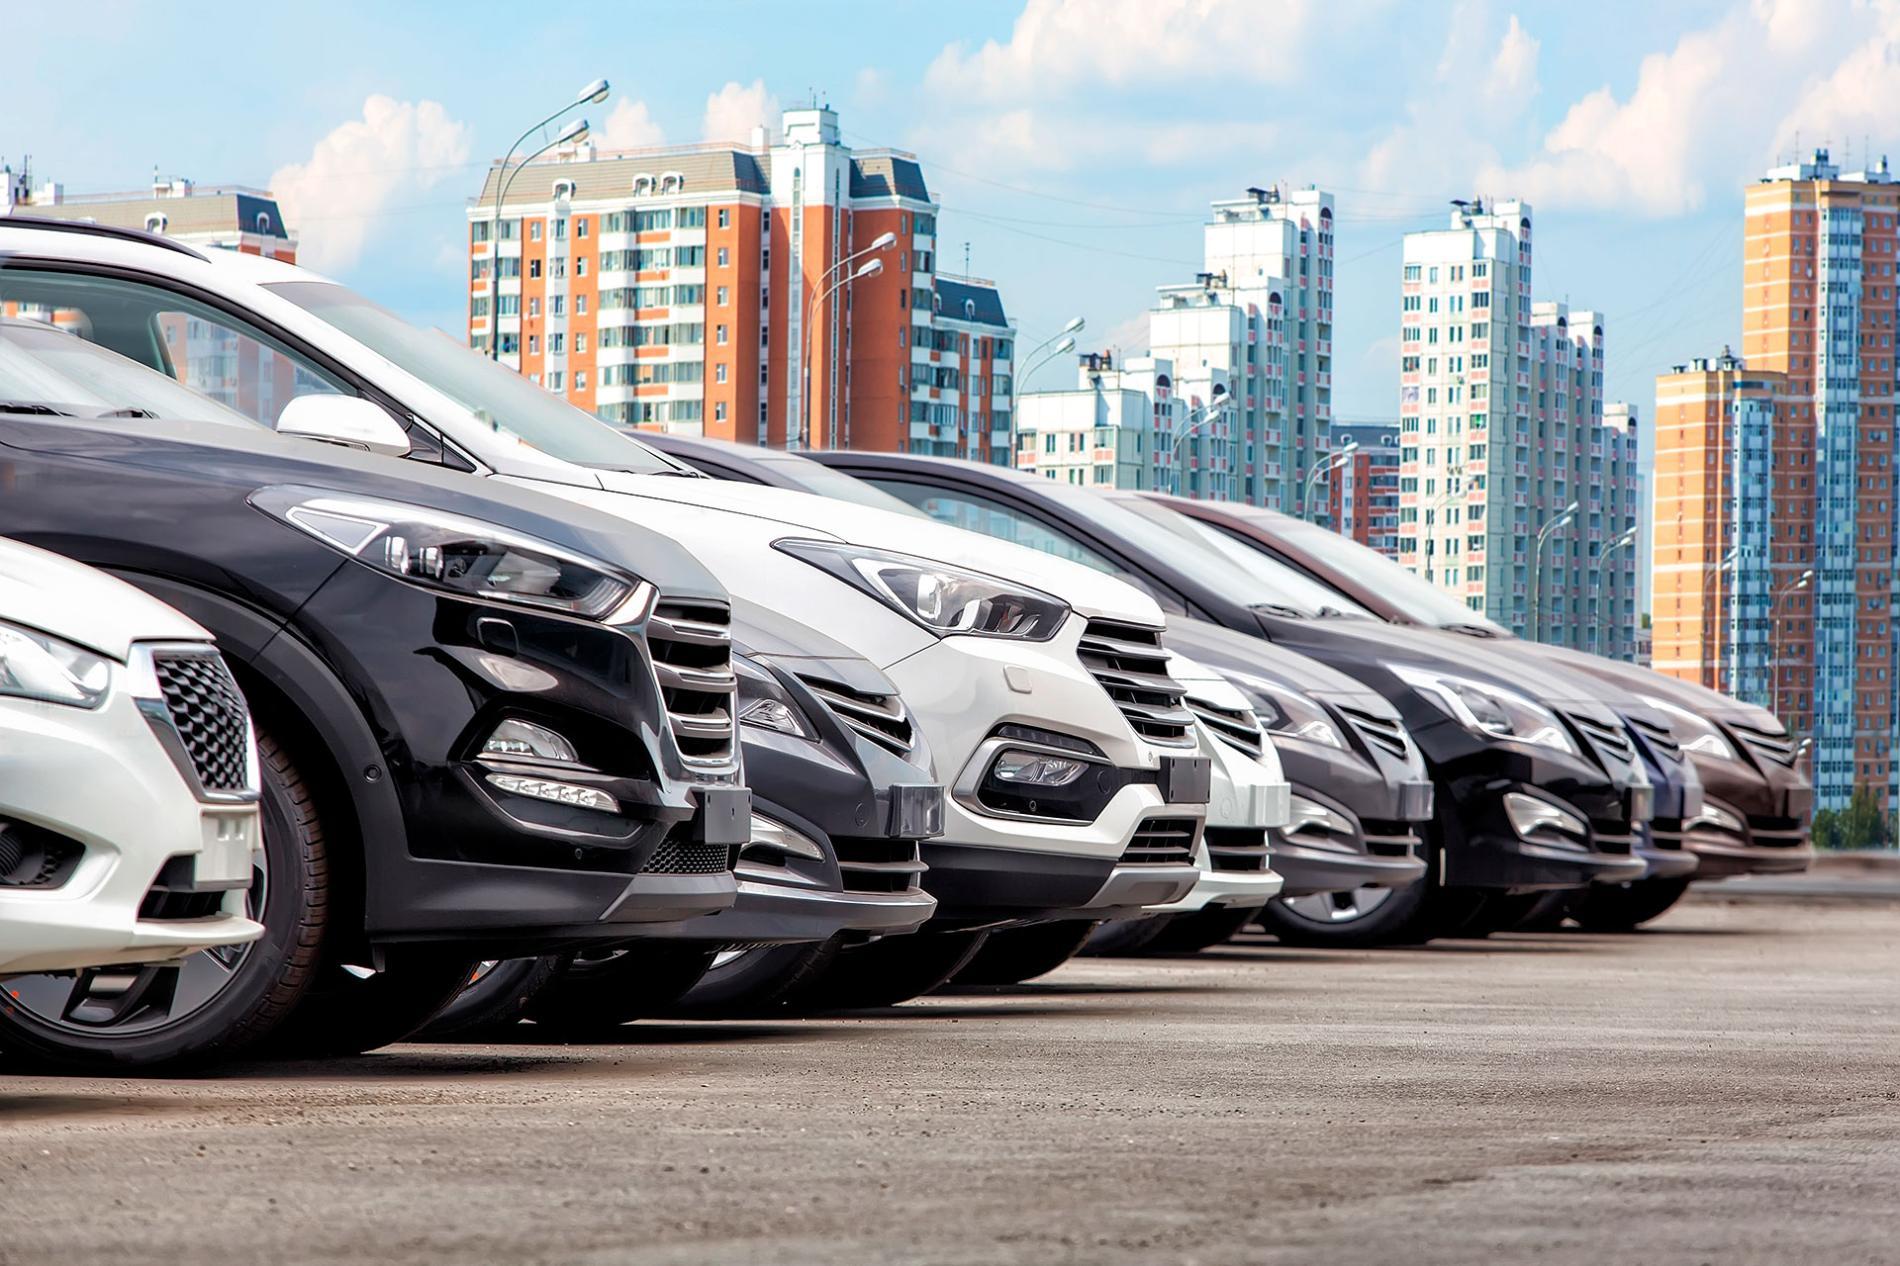 Distintos coches aparcados en fila